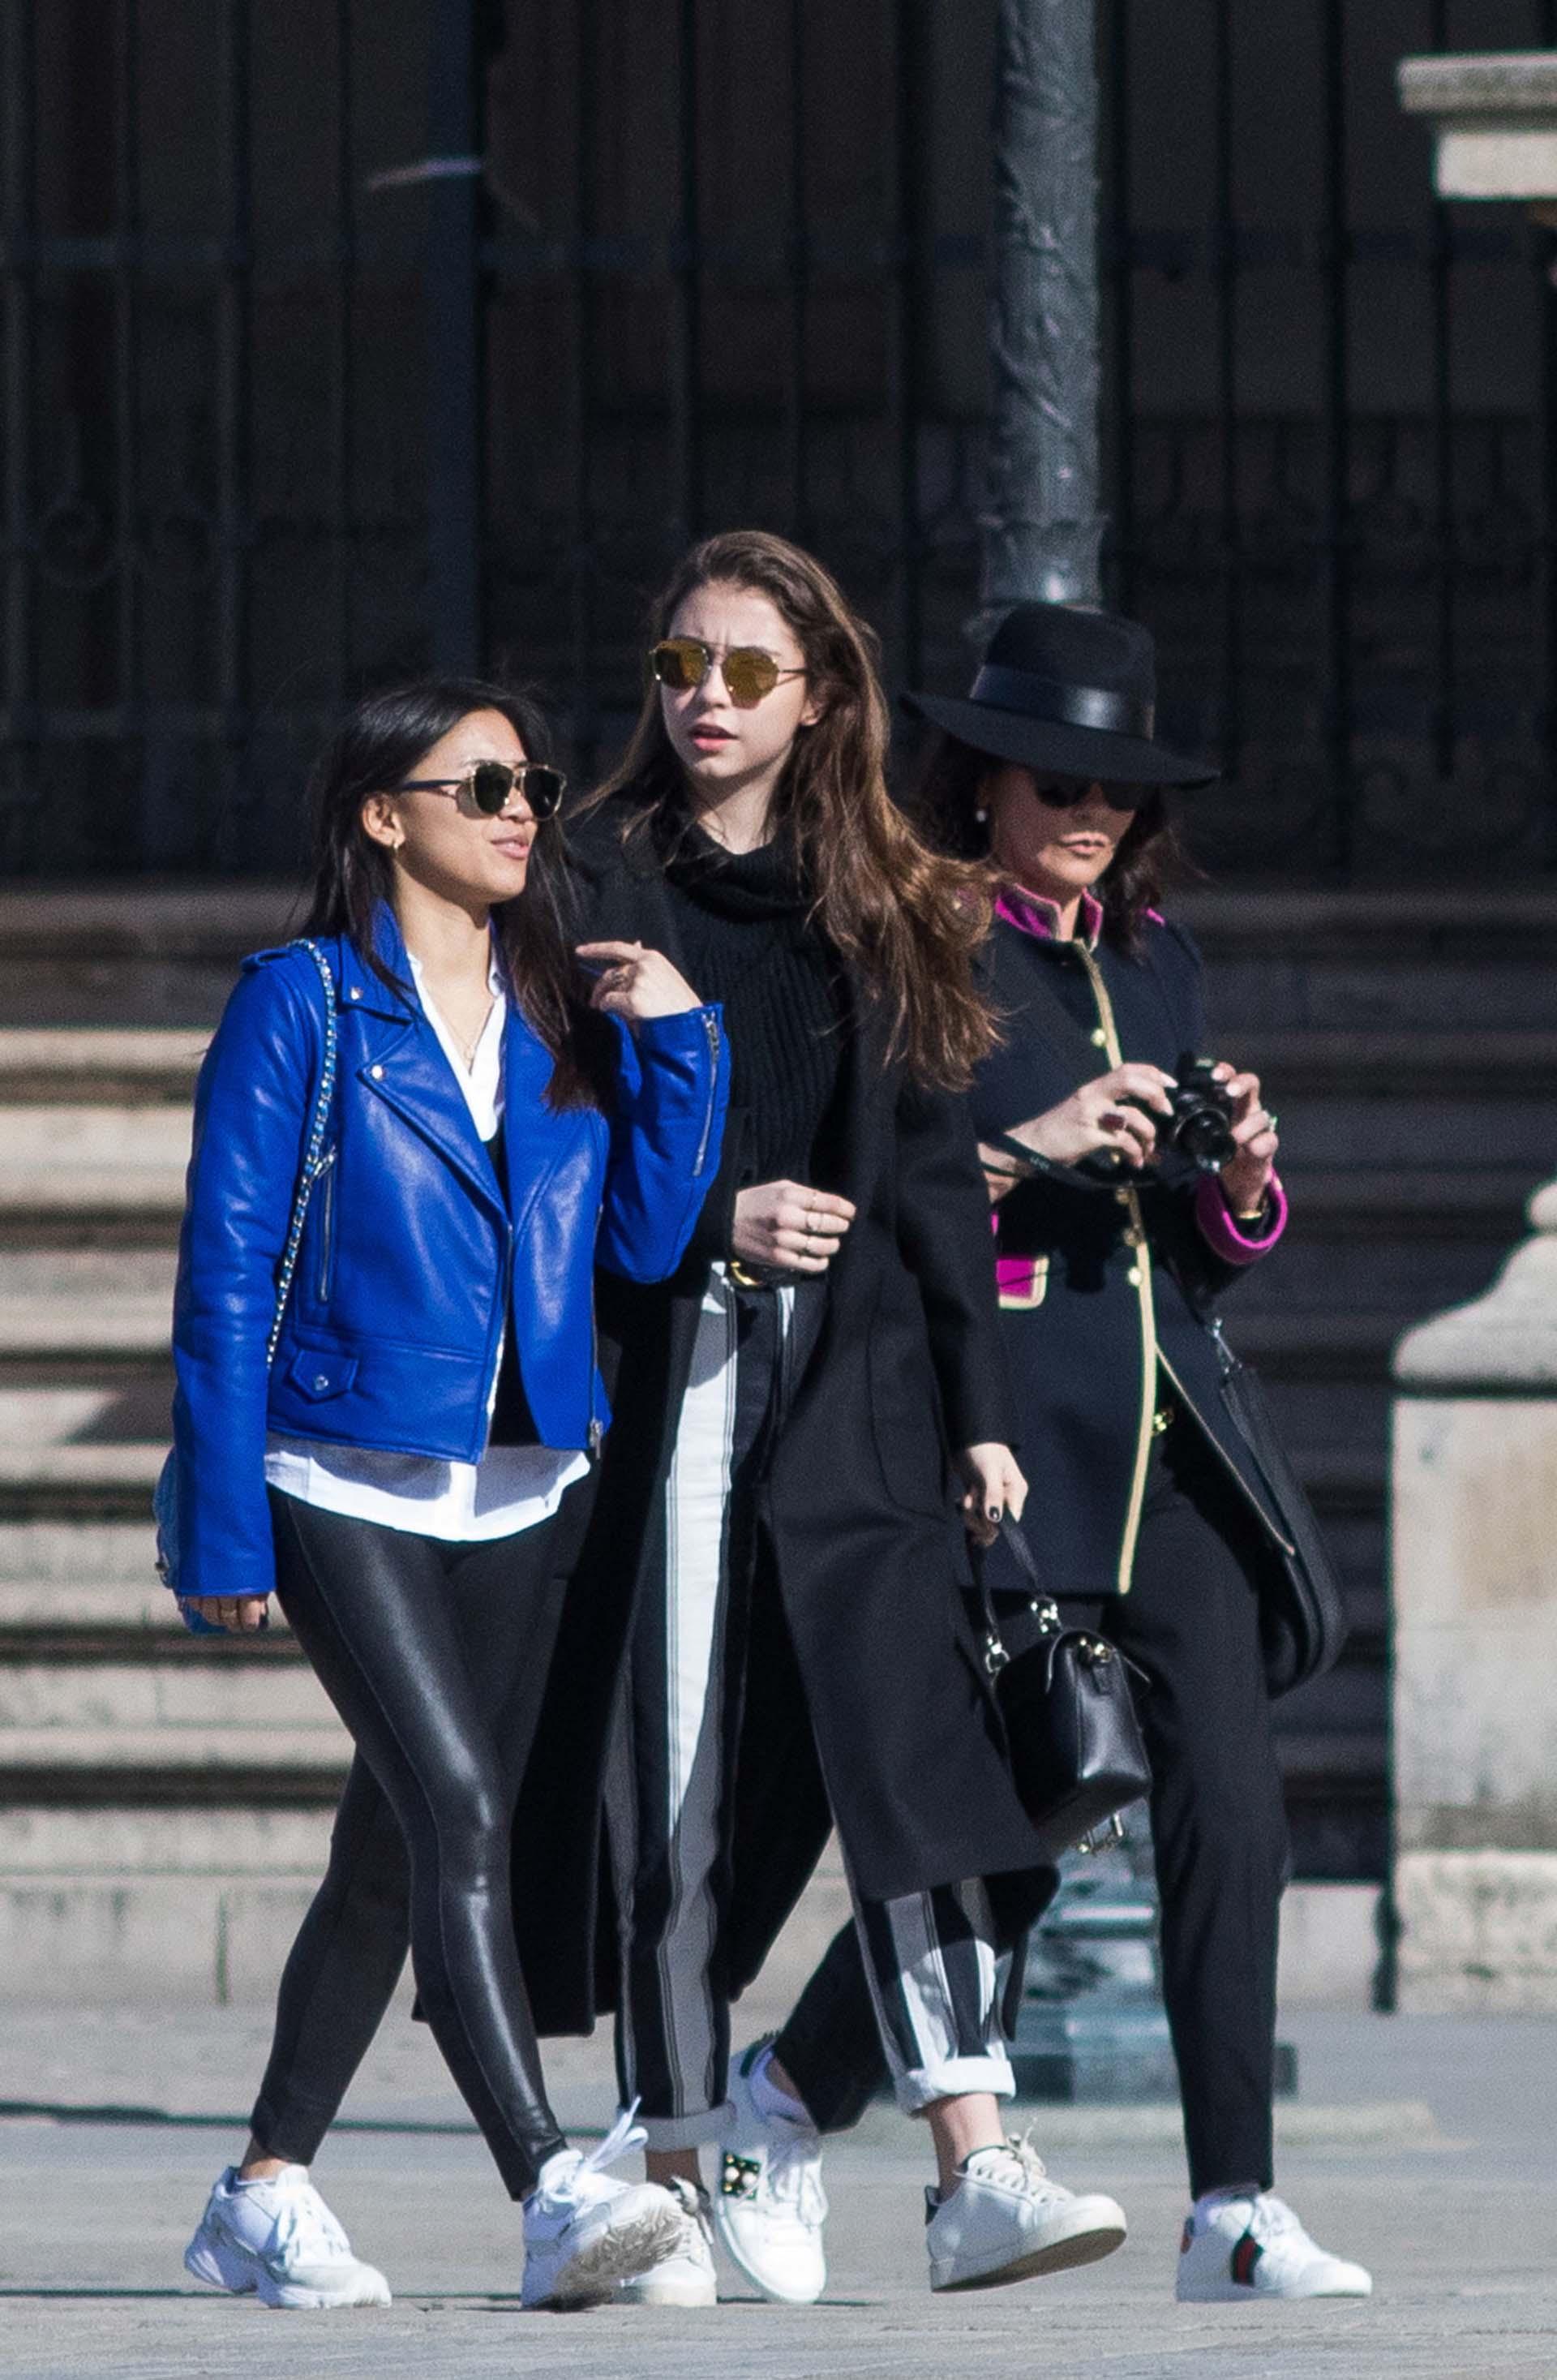 Super lookeadas, madre e hija pasearon por París